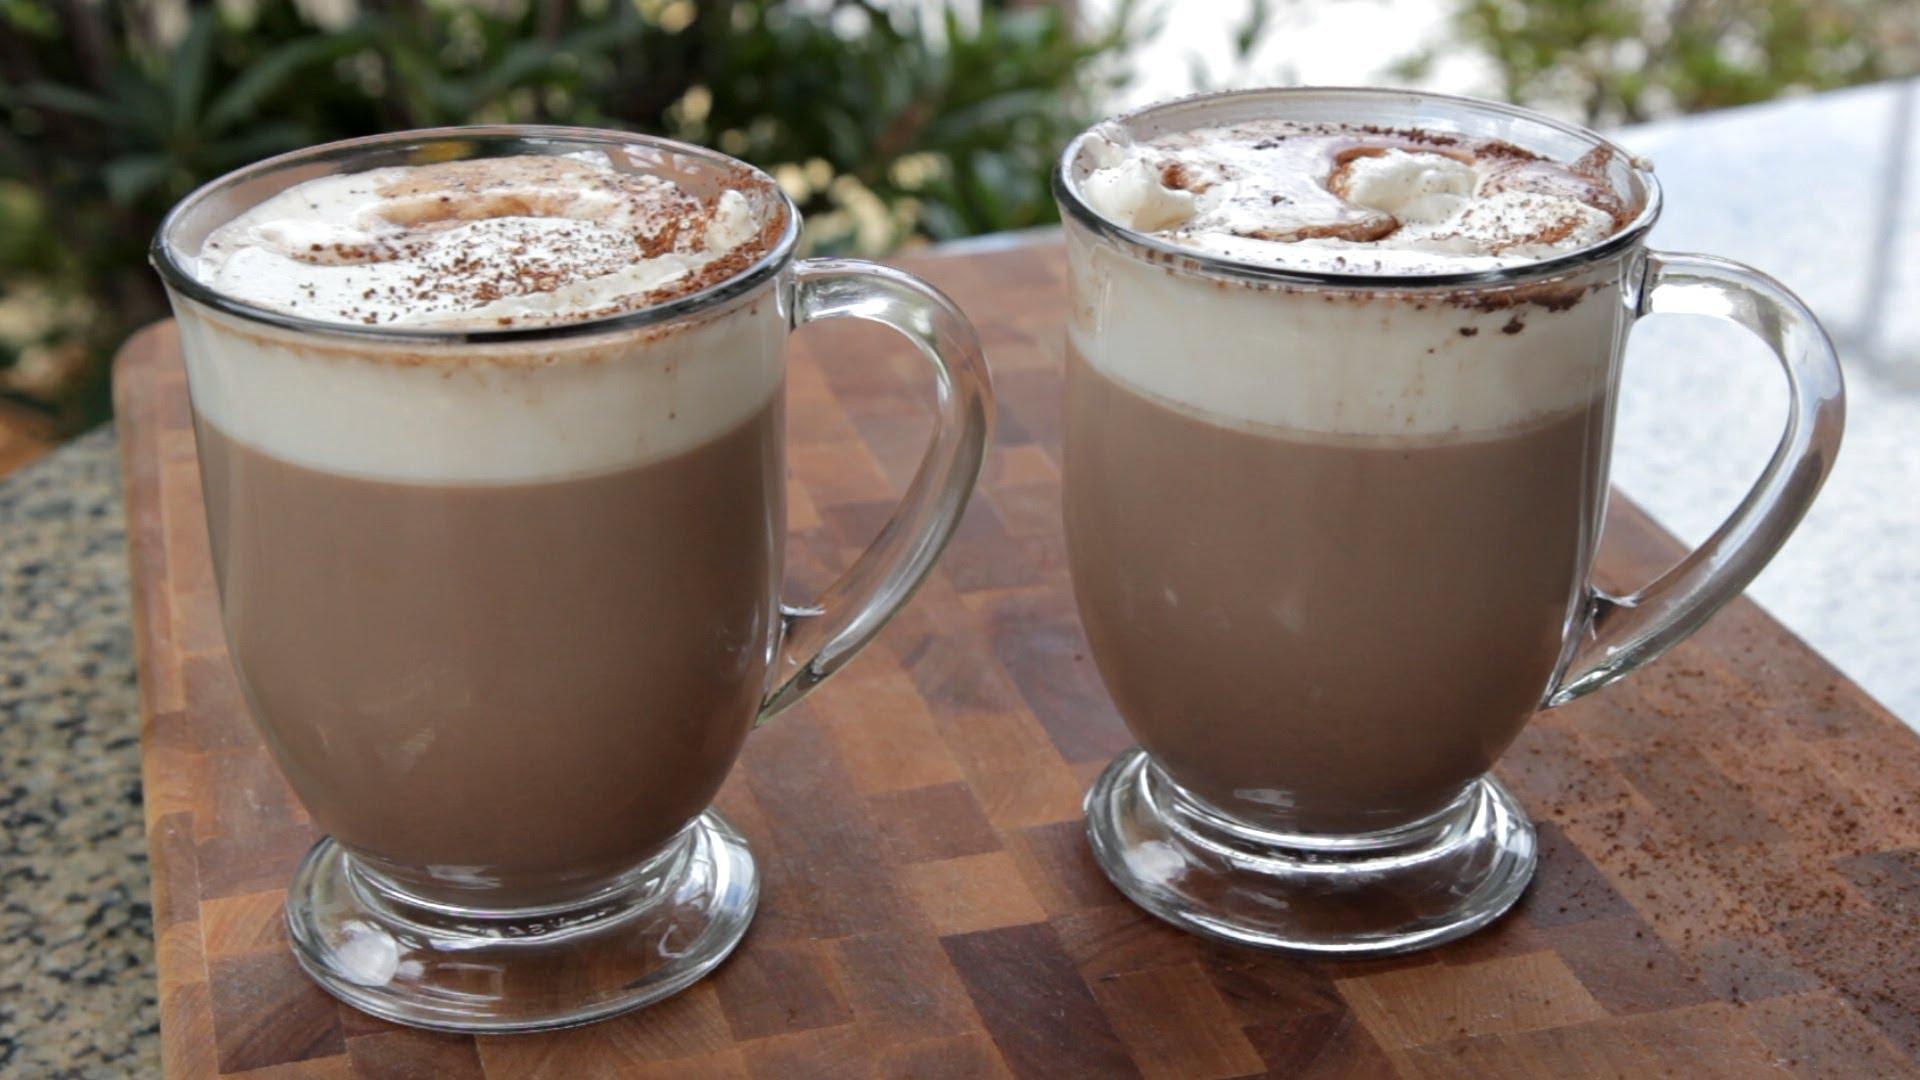 فوائد مشروب الشوكولاتة الساخنة وأضرار تناوله بكثره - ثقف نفسك